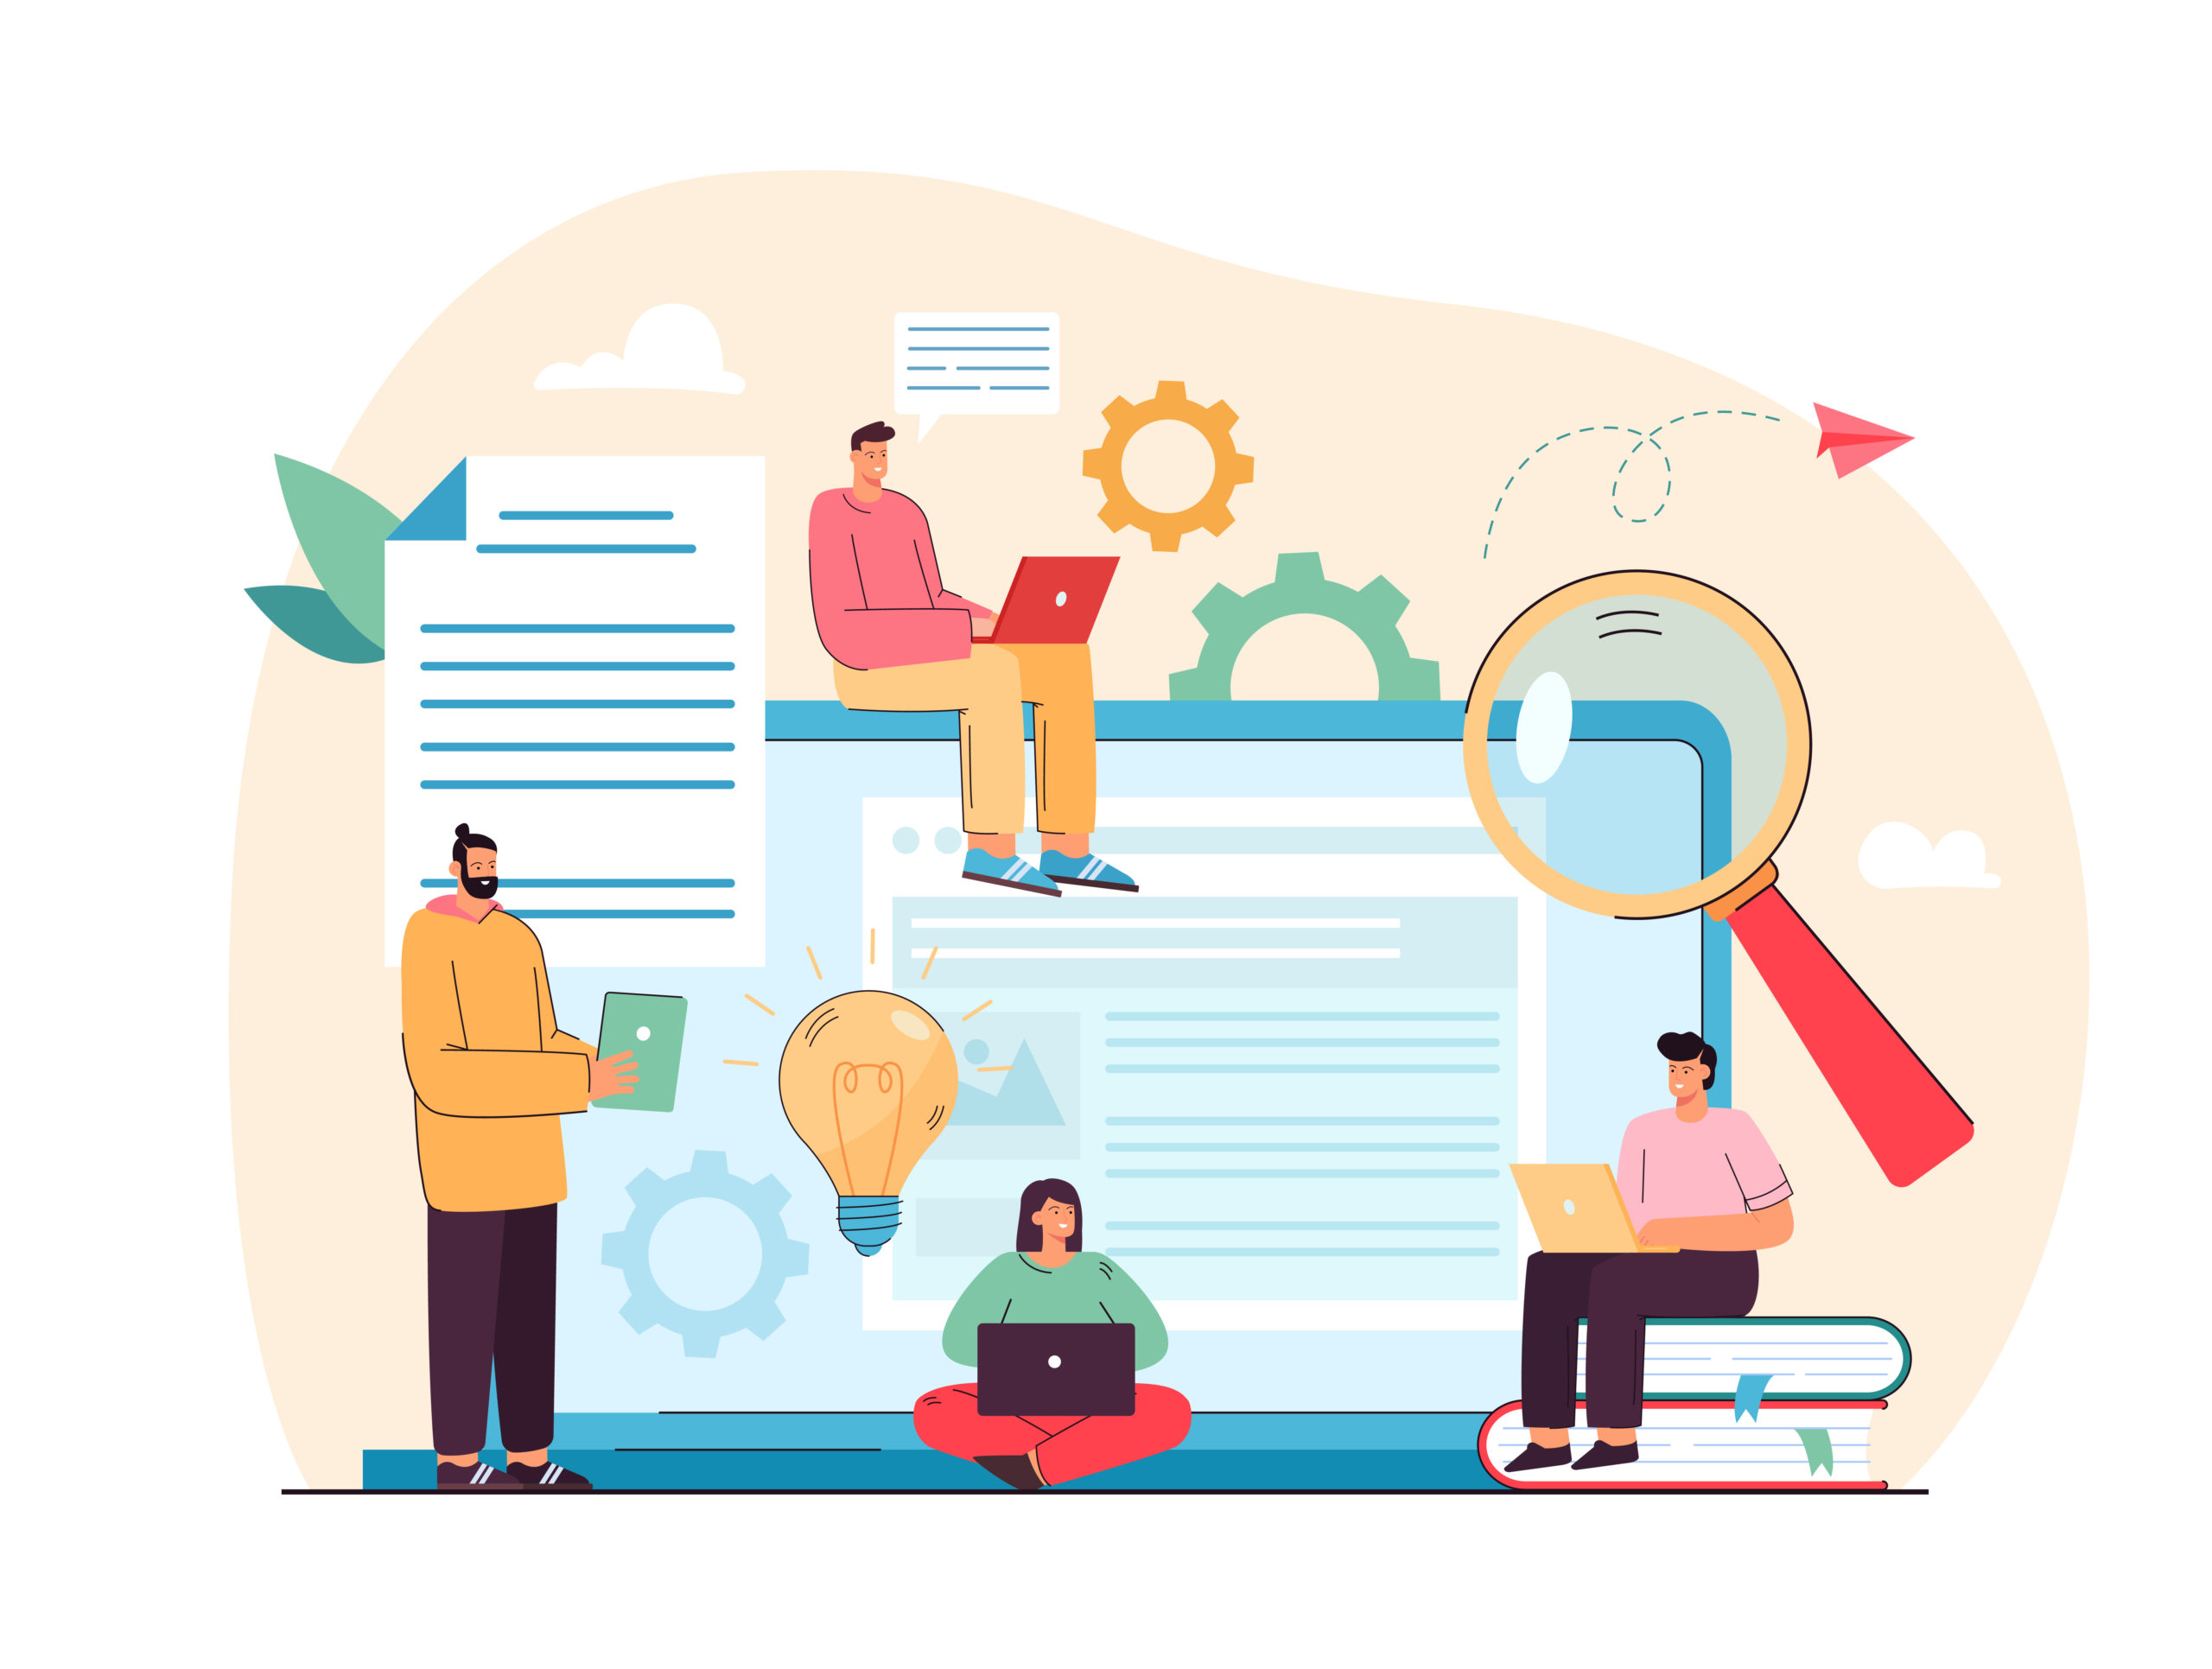 Jenfivn-Lợi ích và bất lợi của doanh nghiệp SMEs khi thuê freelancers